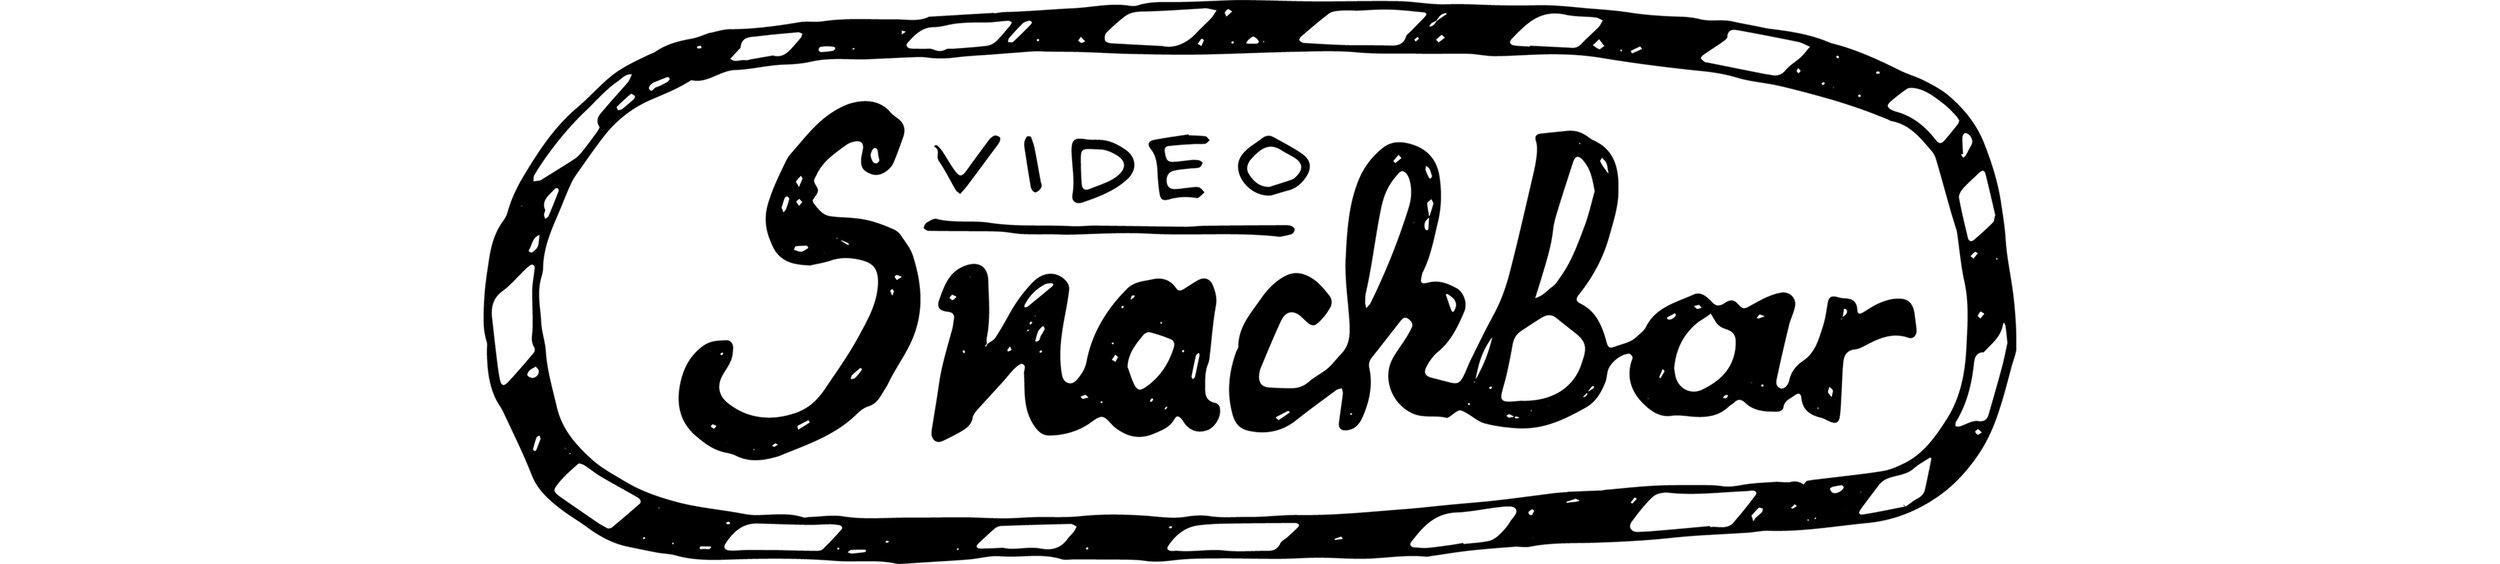 Logo_Videosnackbar_breder.jpg